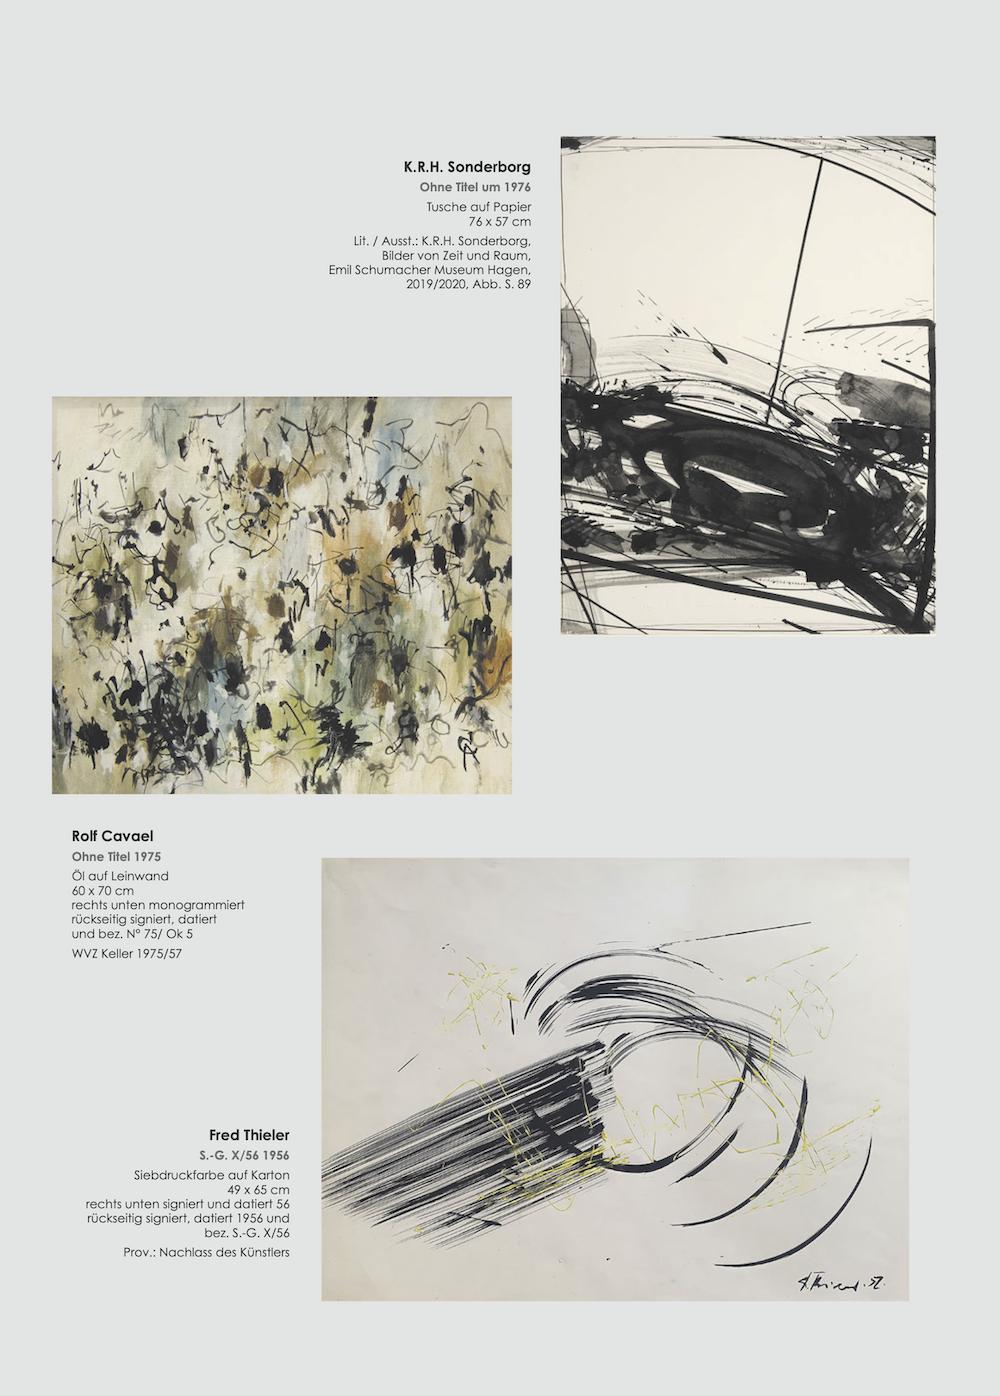 Einladungskarte Ausstellung Cavael Sonderborg Thieler 2020 Galerie Maulberger 05